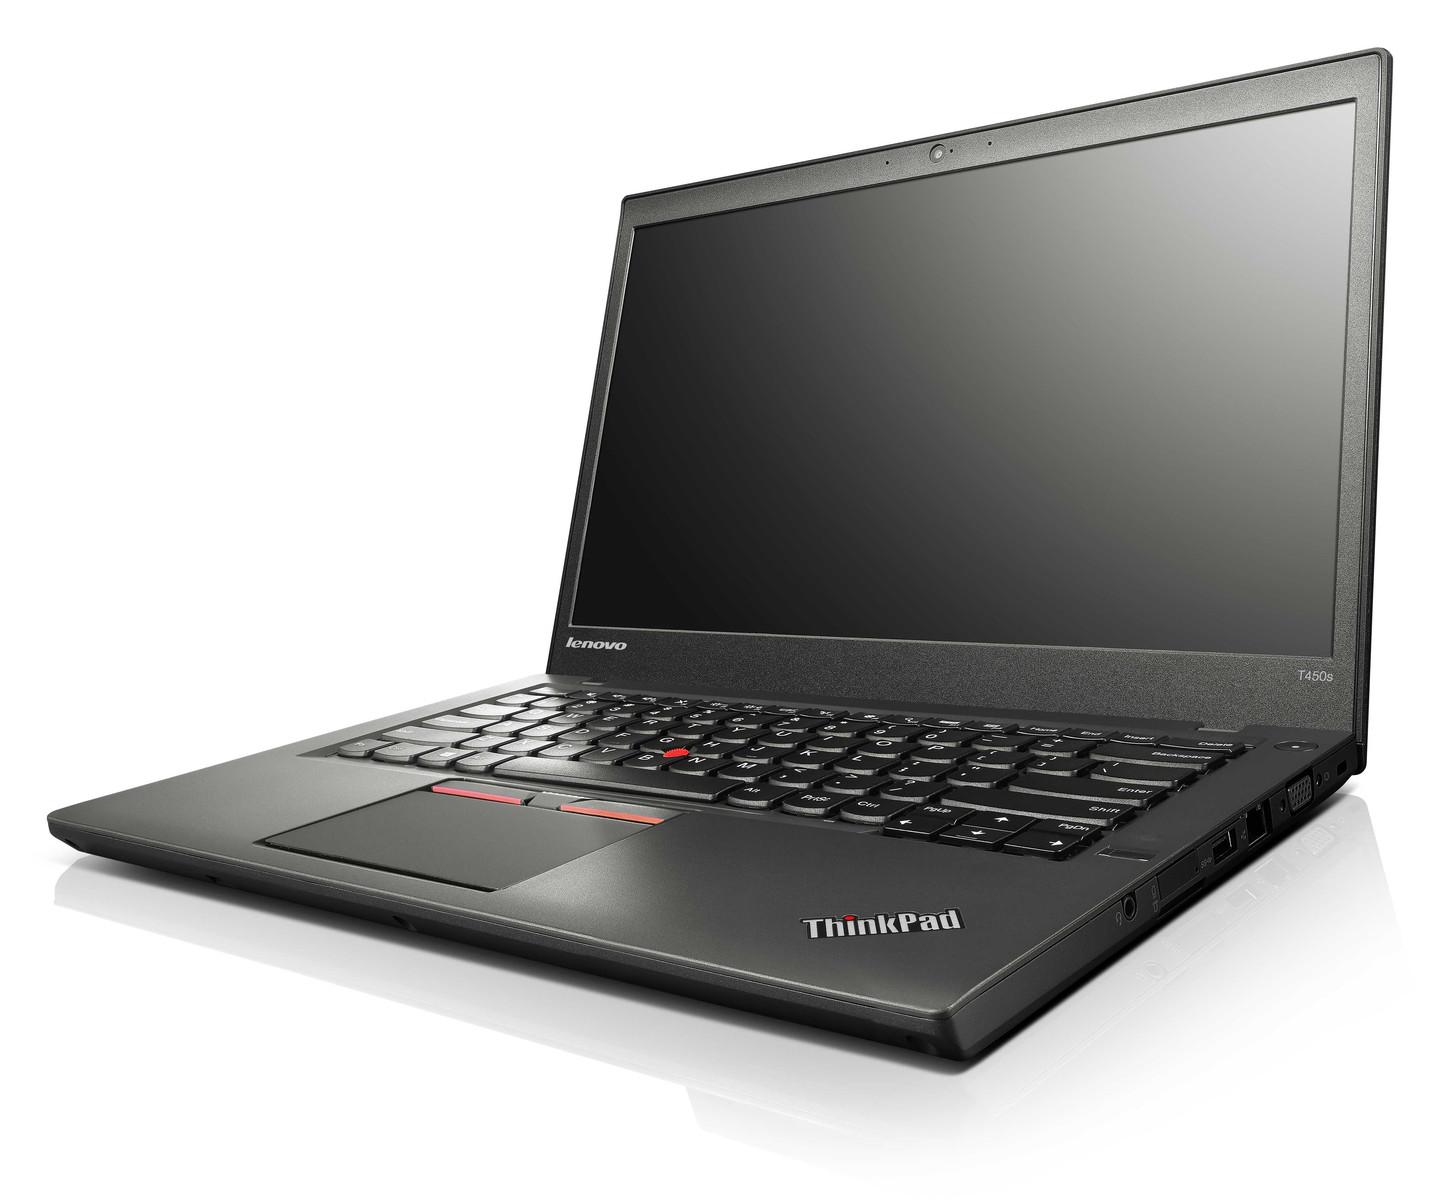 Thinkpad T450s: Especificações e configurações